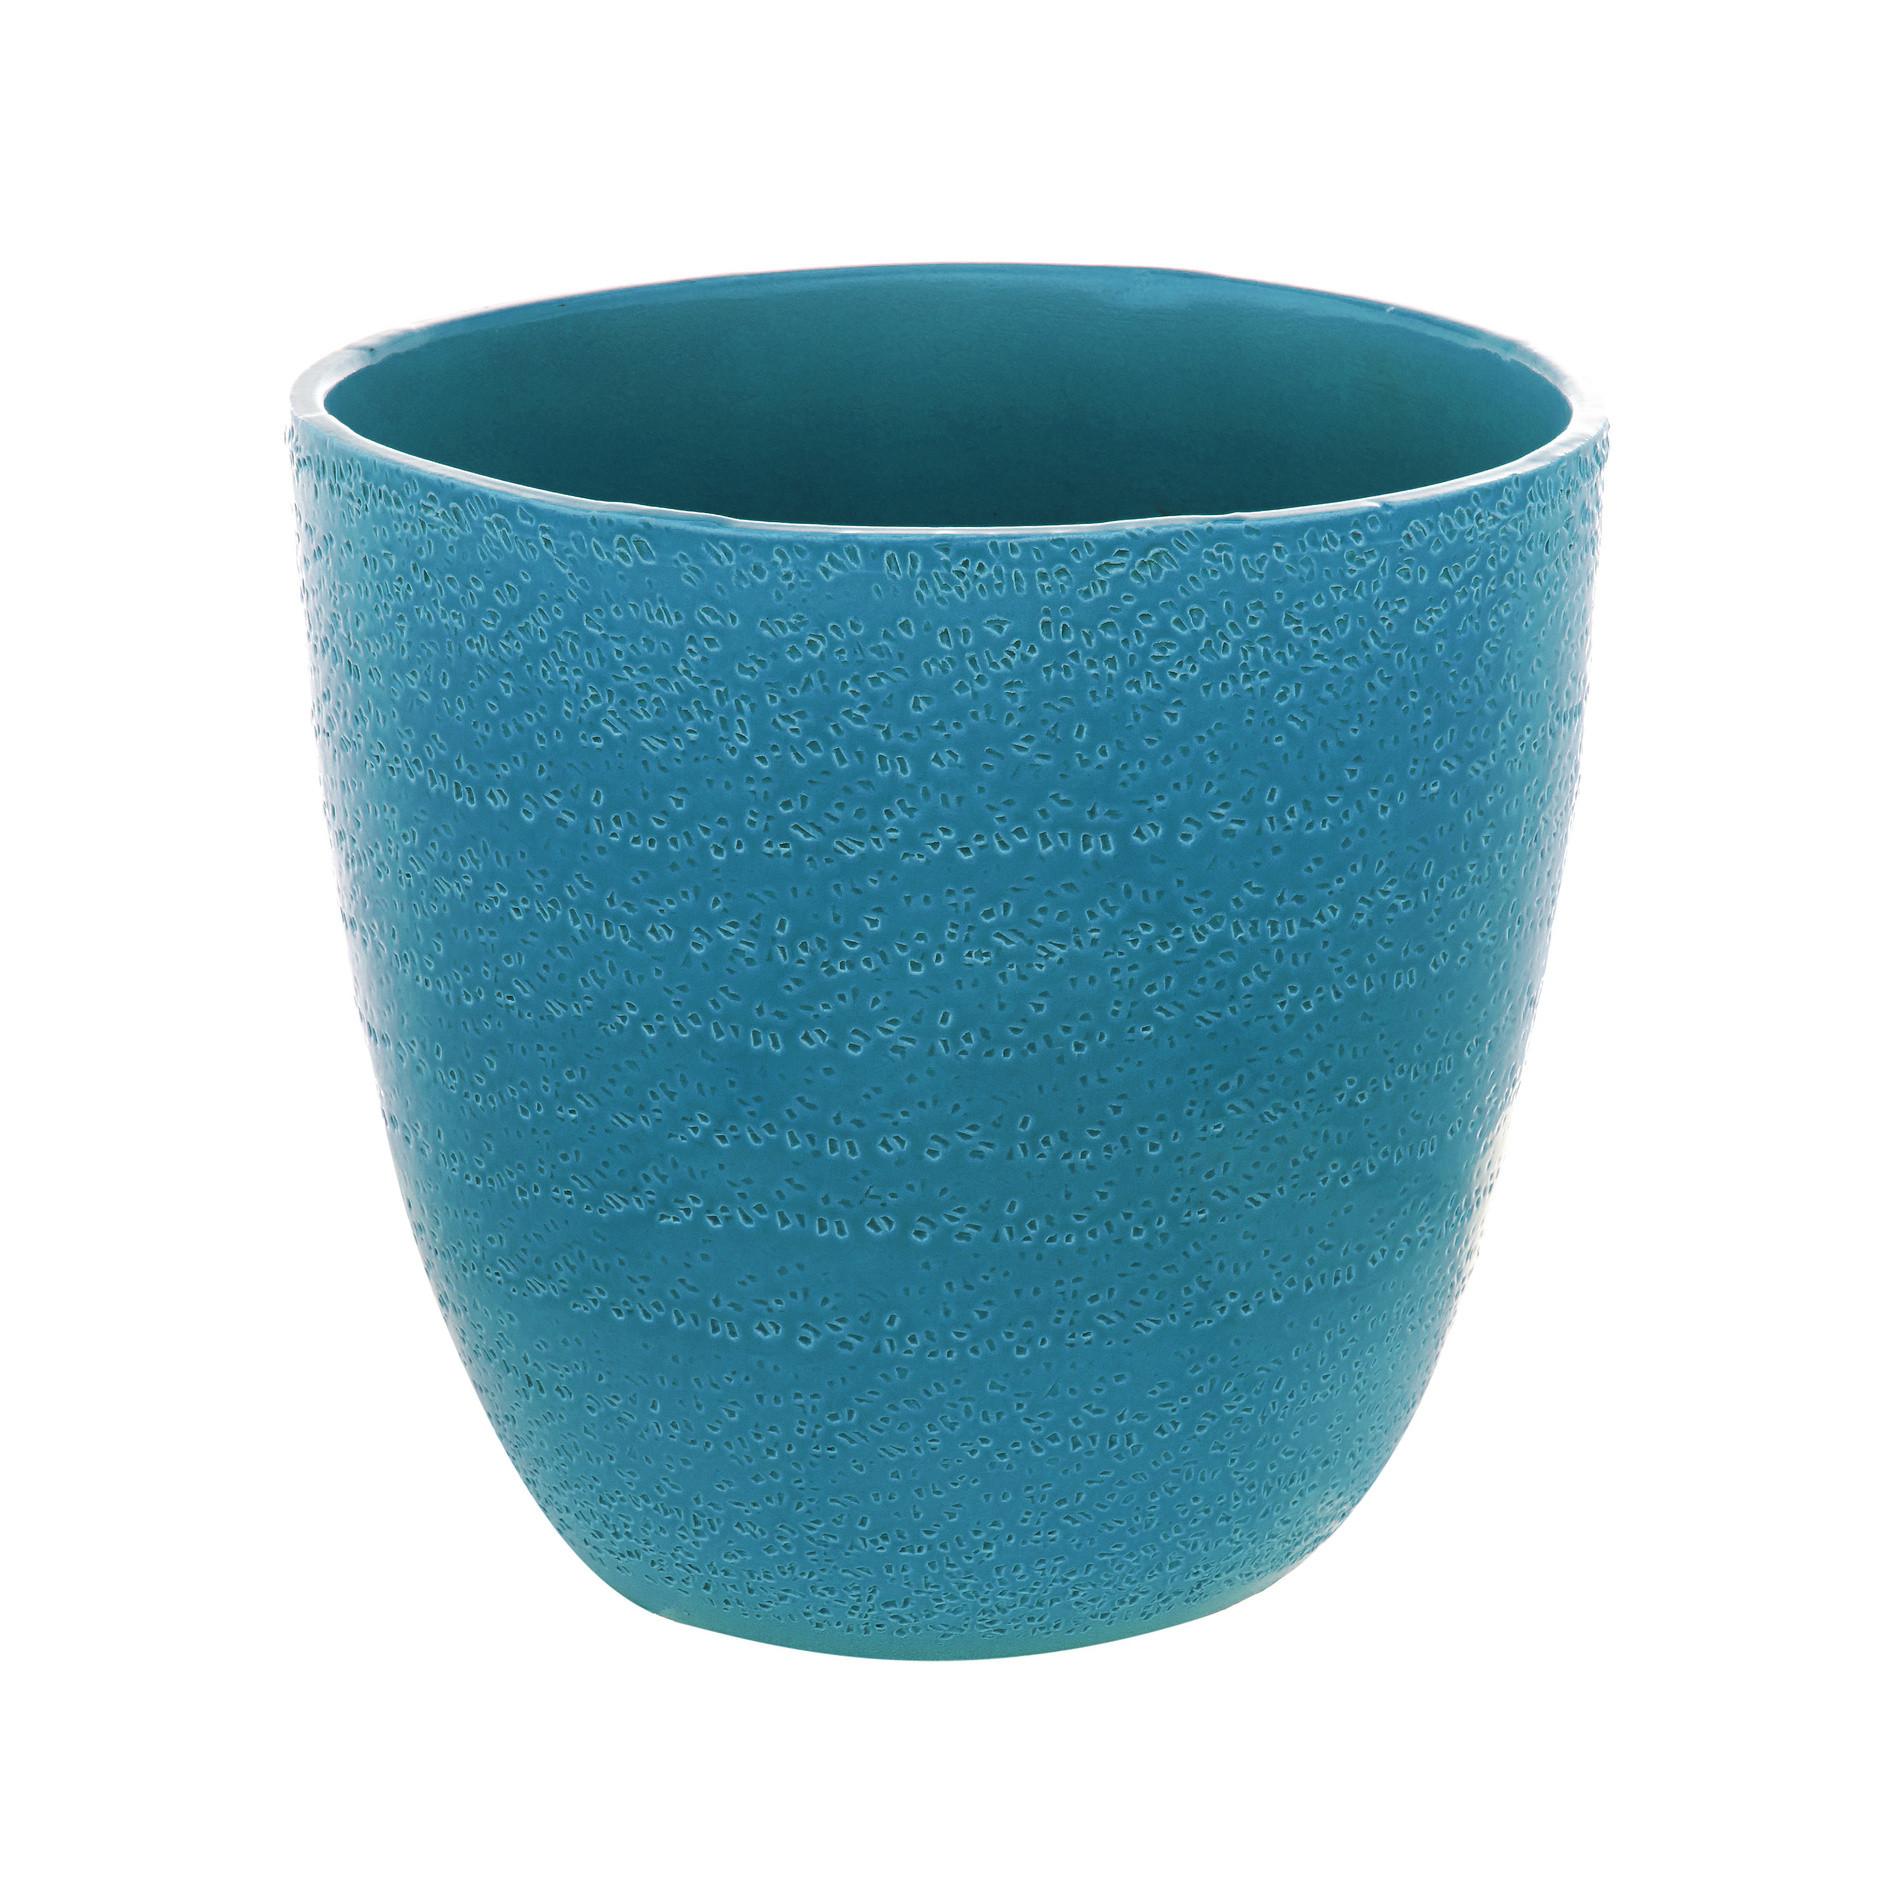 Rough Portuguese ceramic cachepot - coincasa